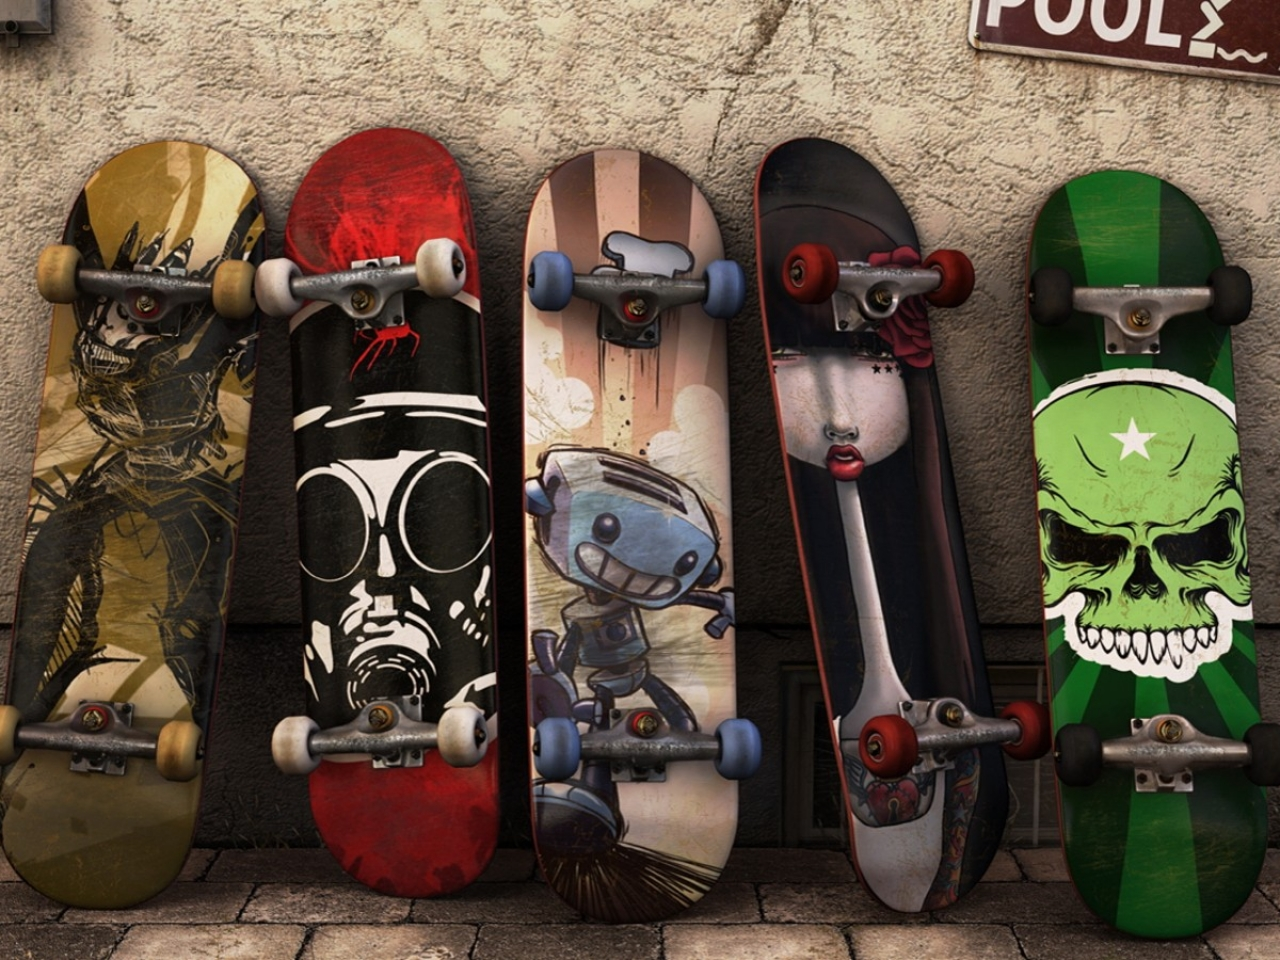 Modelos de tablas de skate - 1280x960